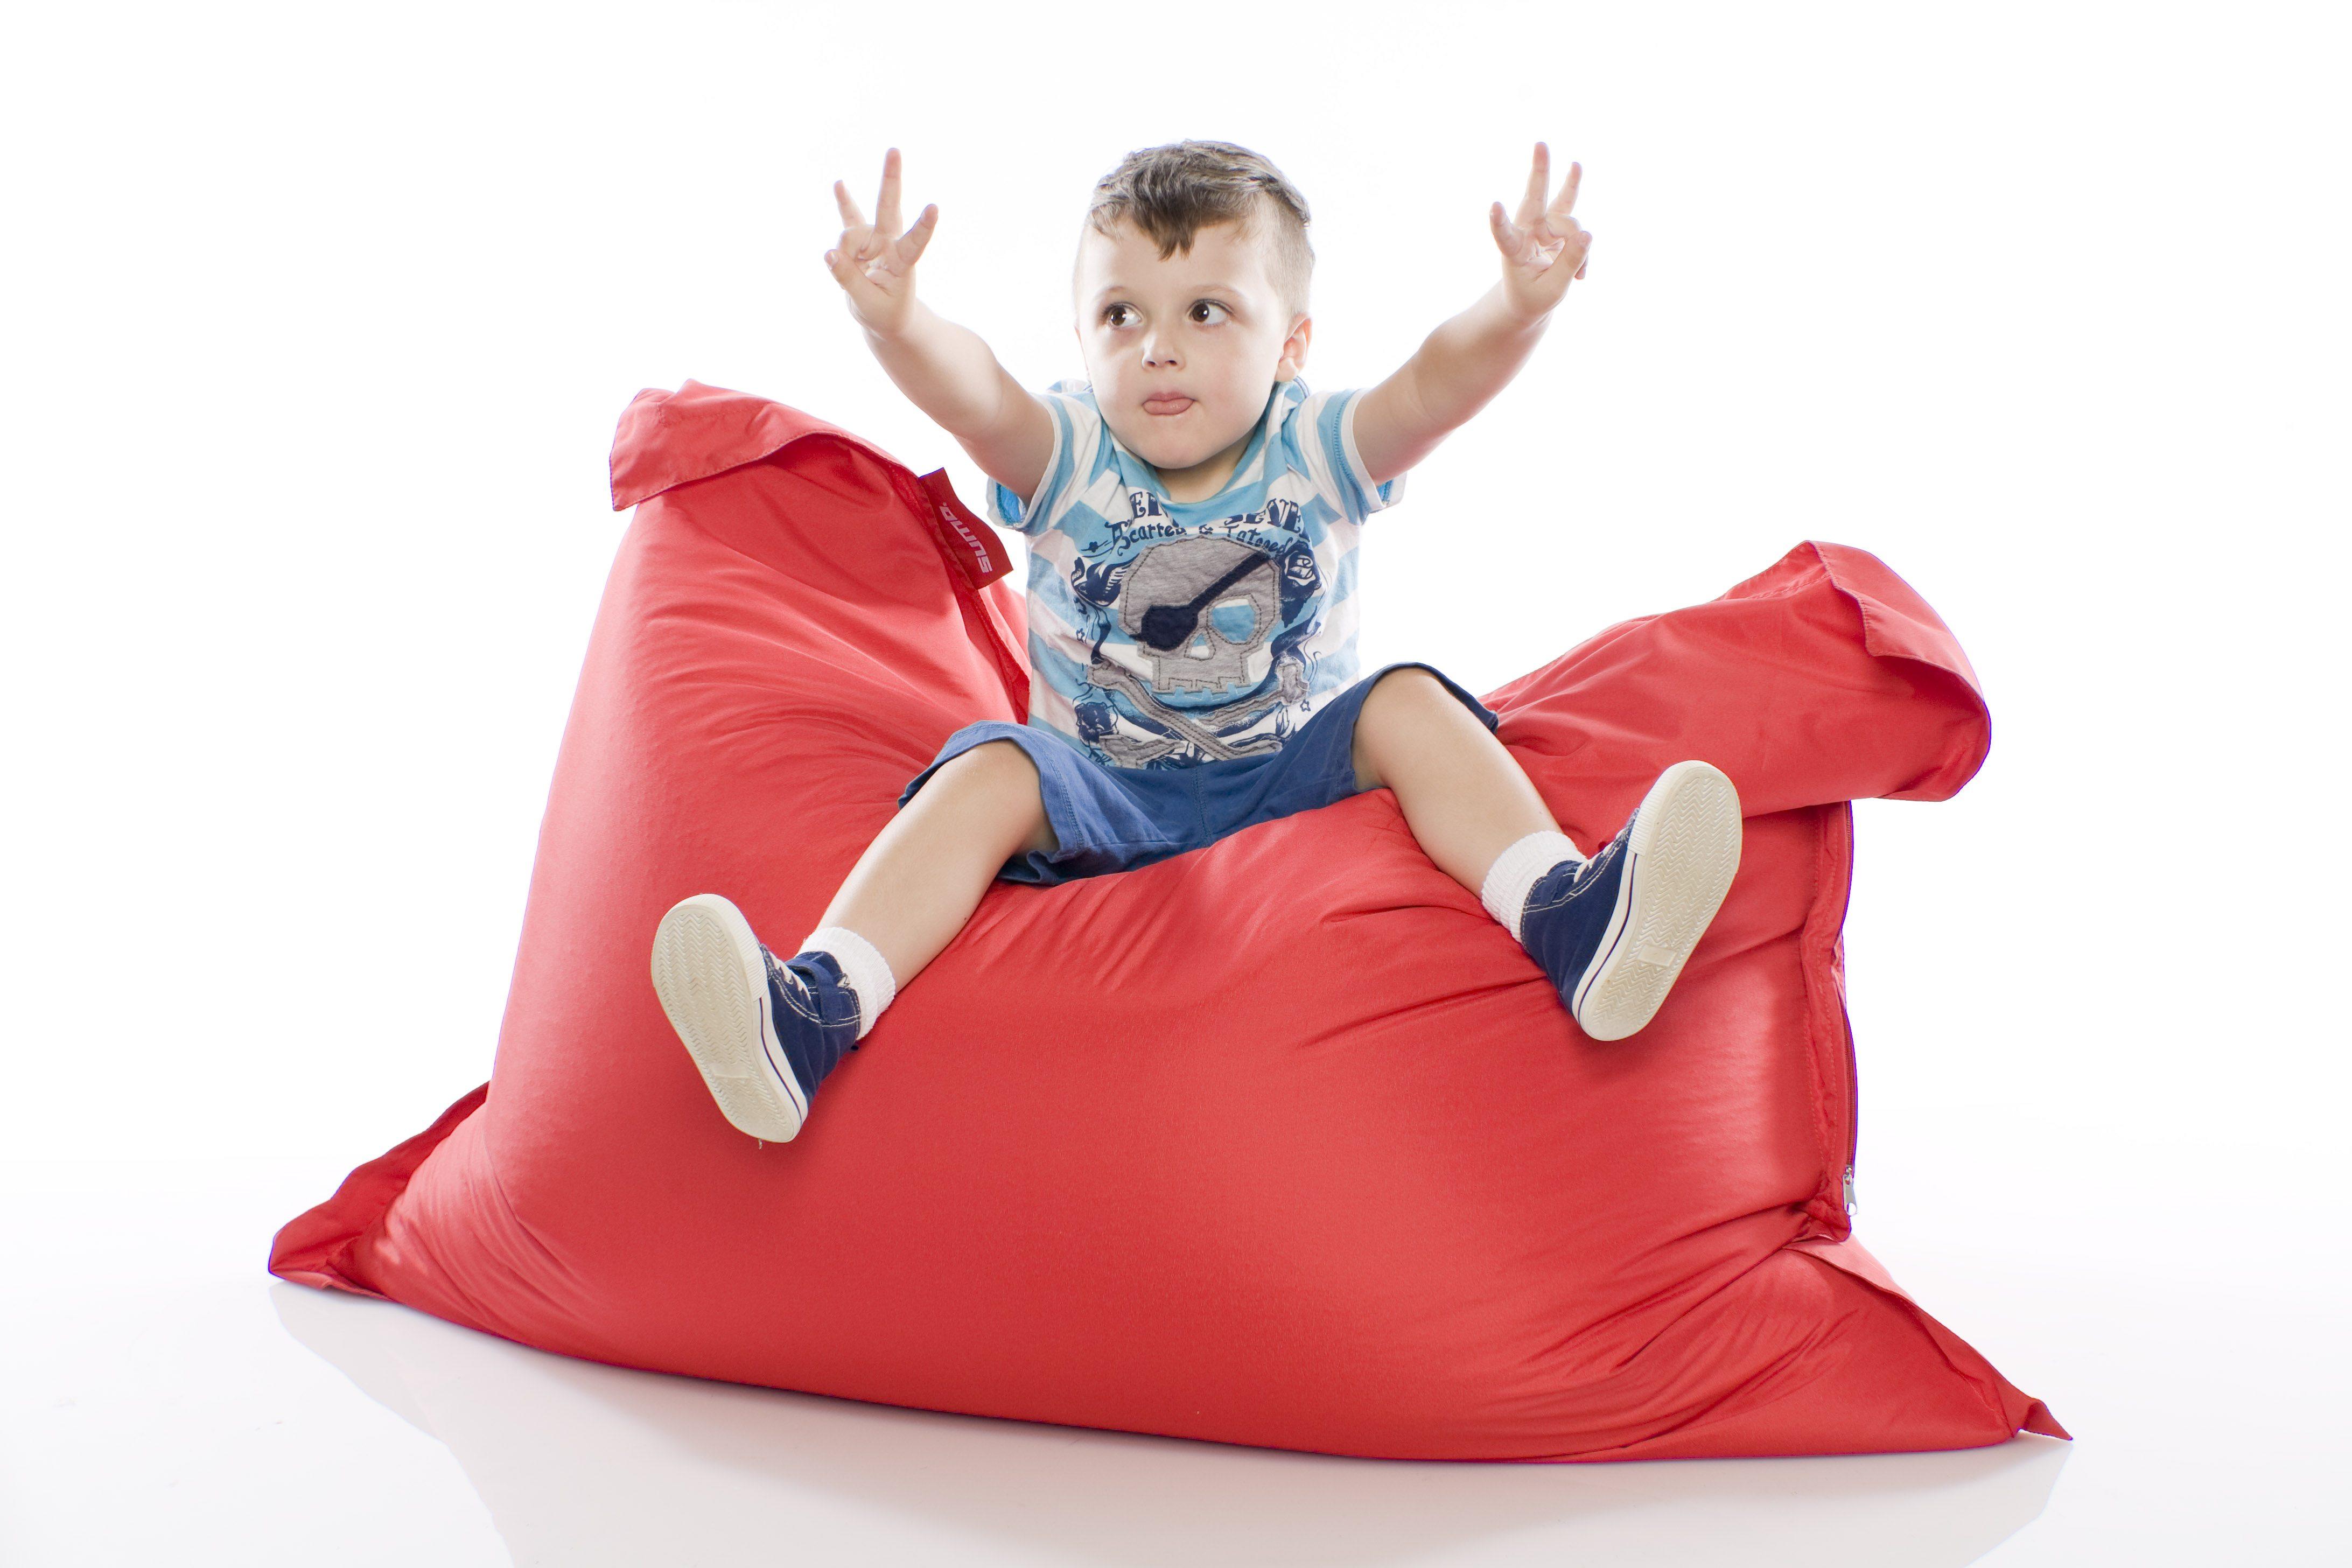 Kid on a Sumo bean bag chair